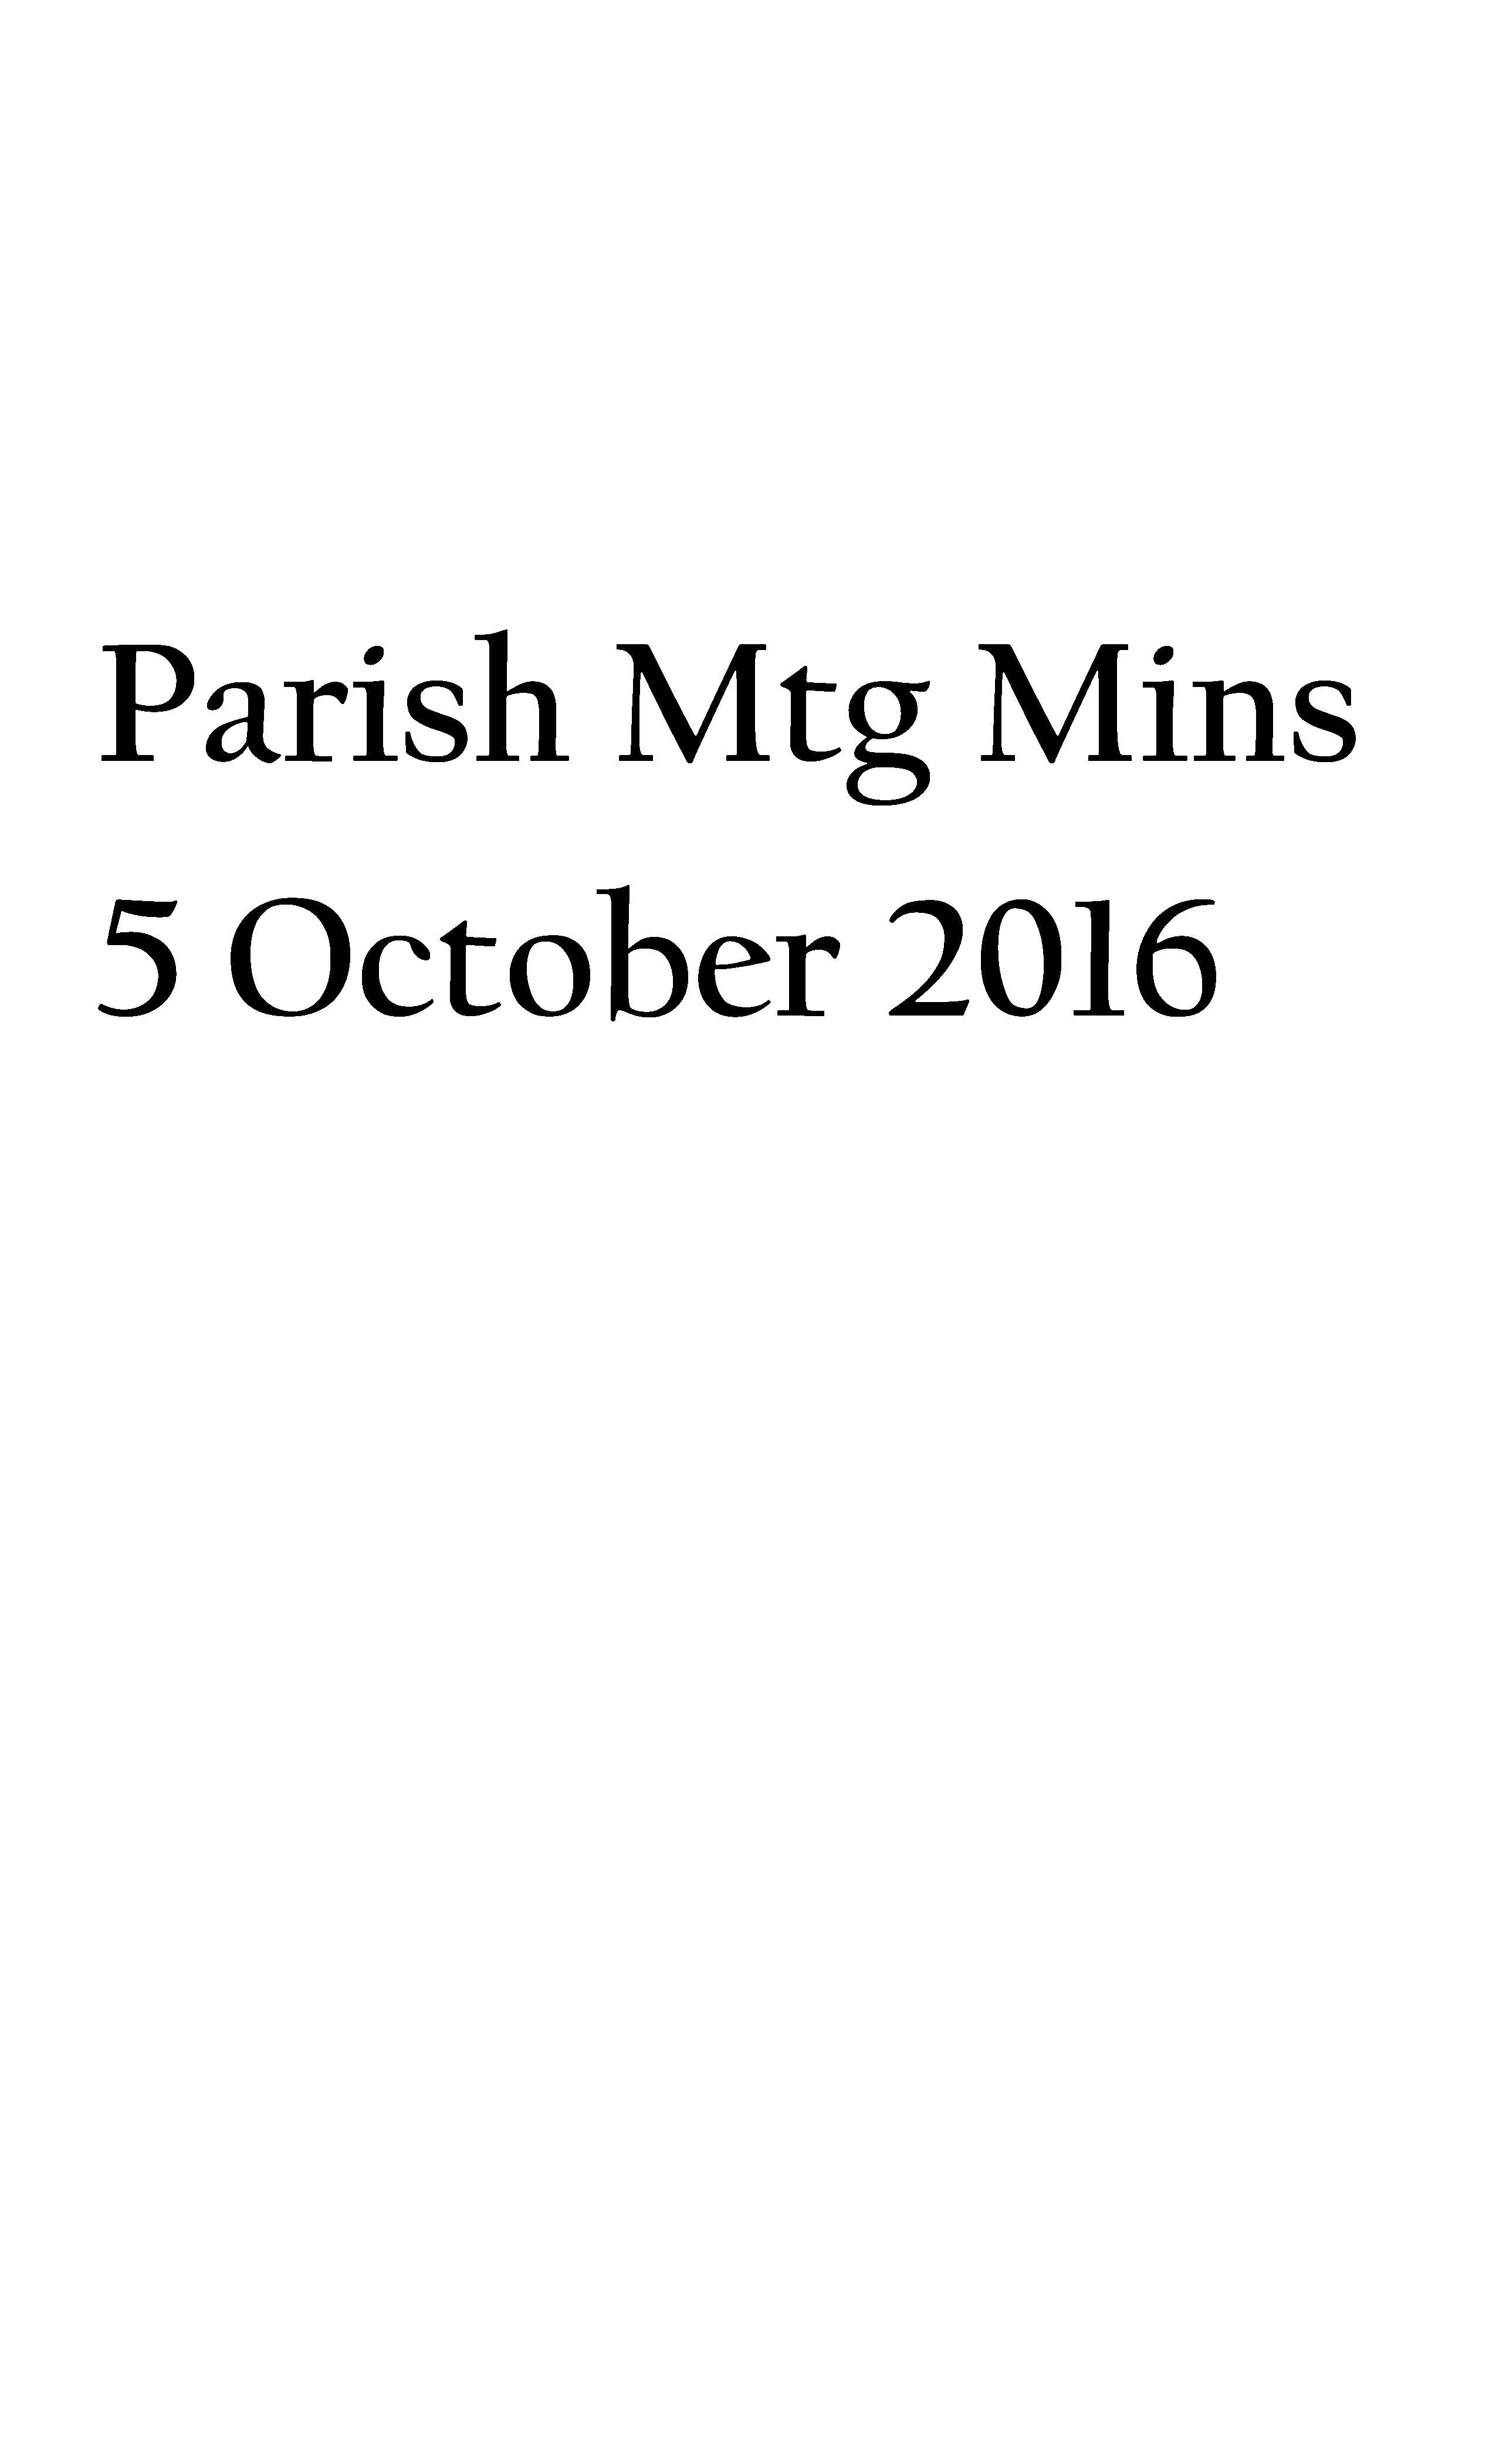 Parish Mtg Minutes of 5 October 2016